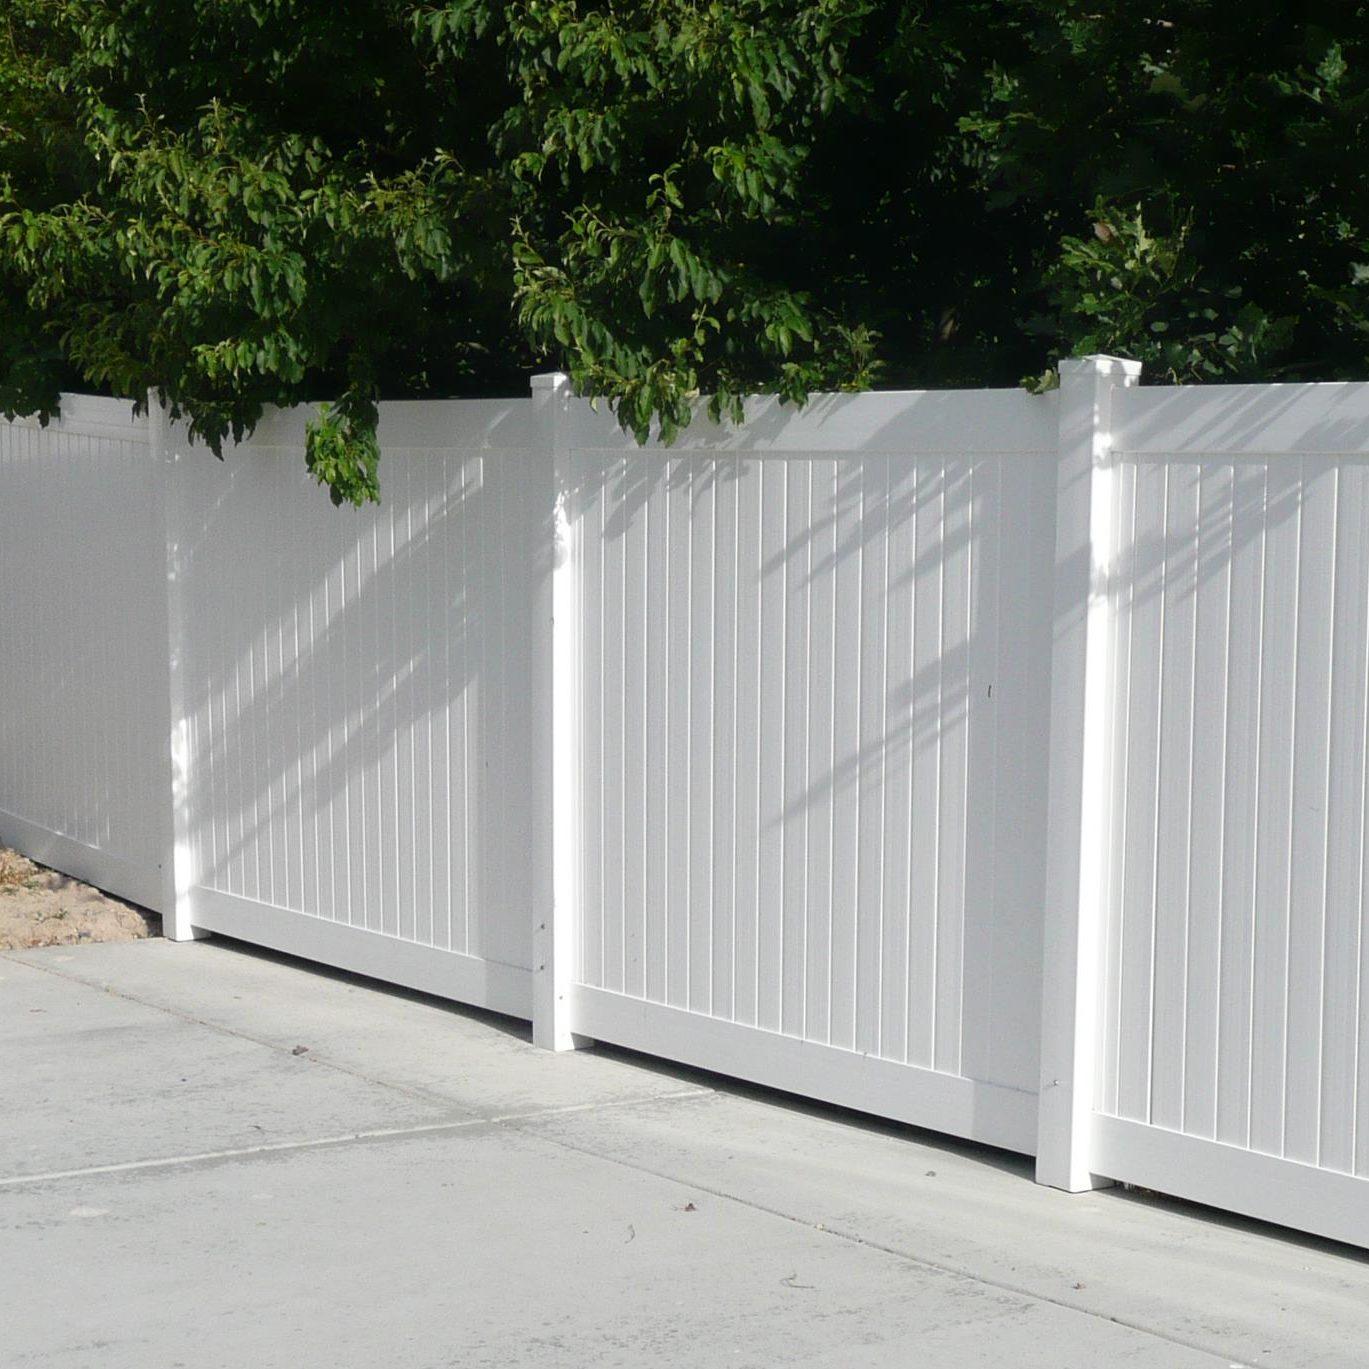 standard-fence-orem-utah-fb-6